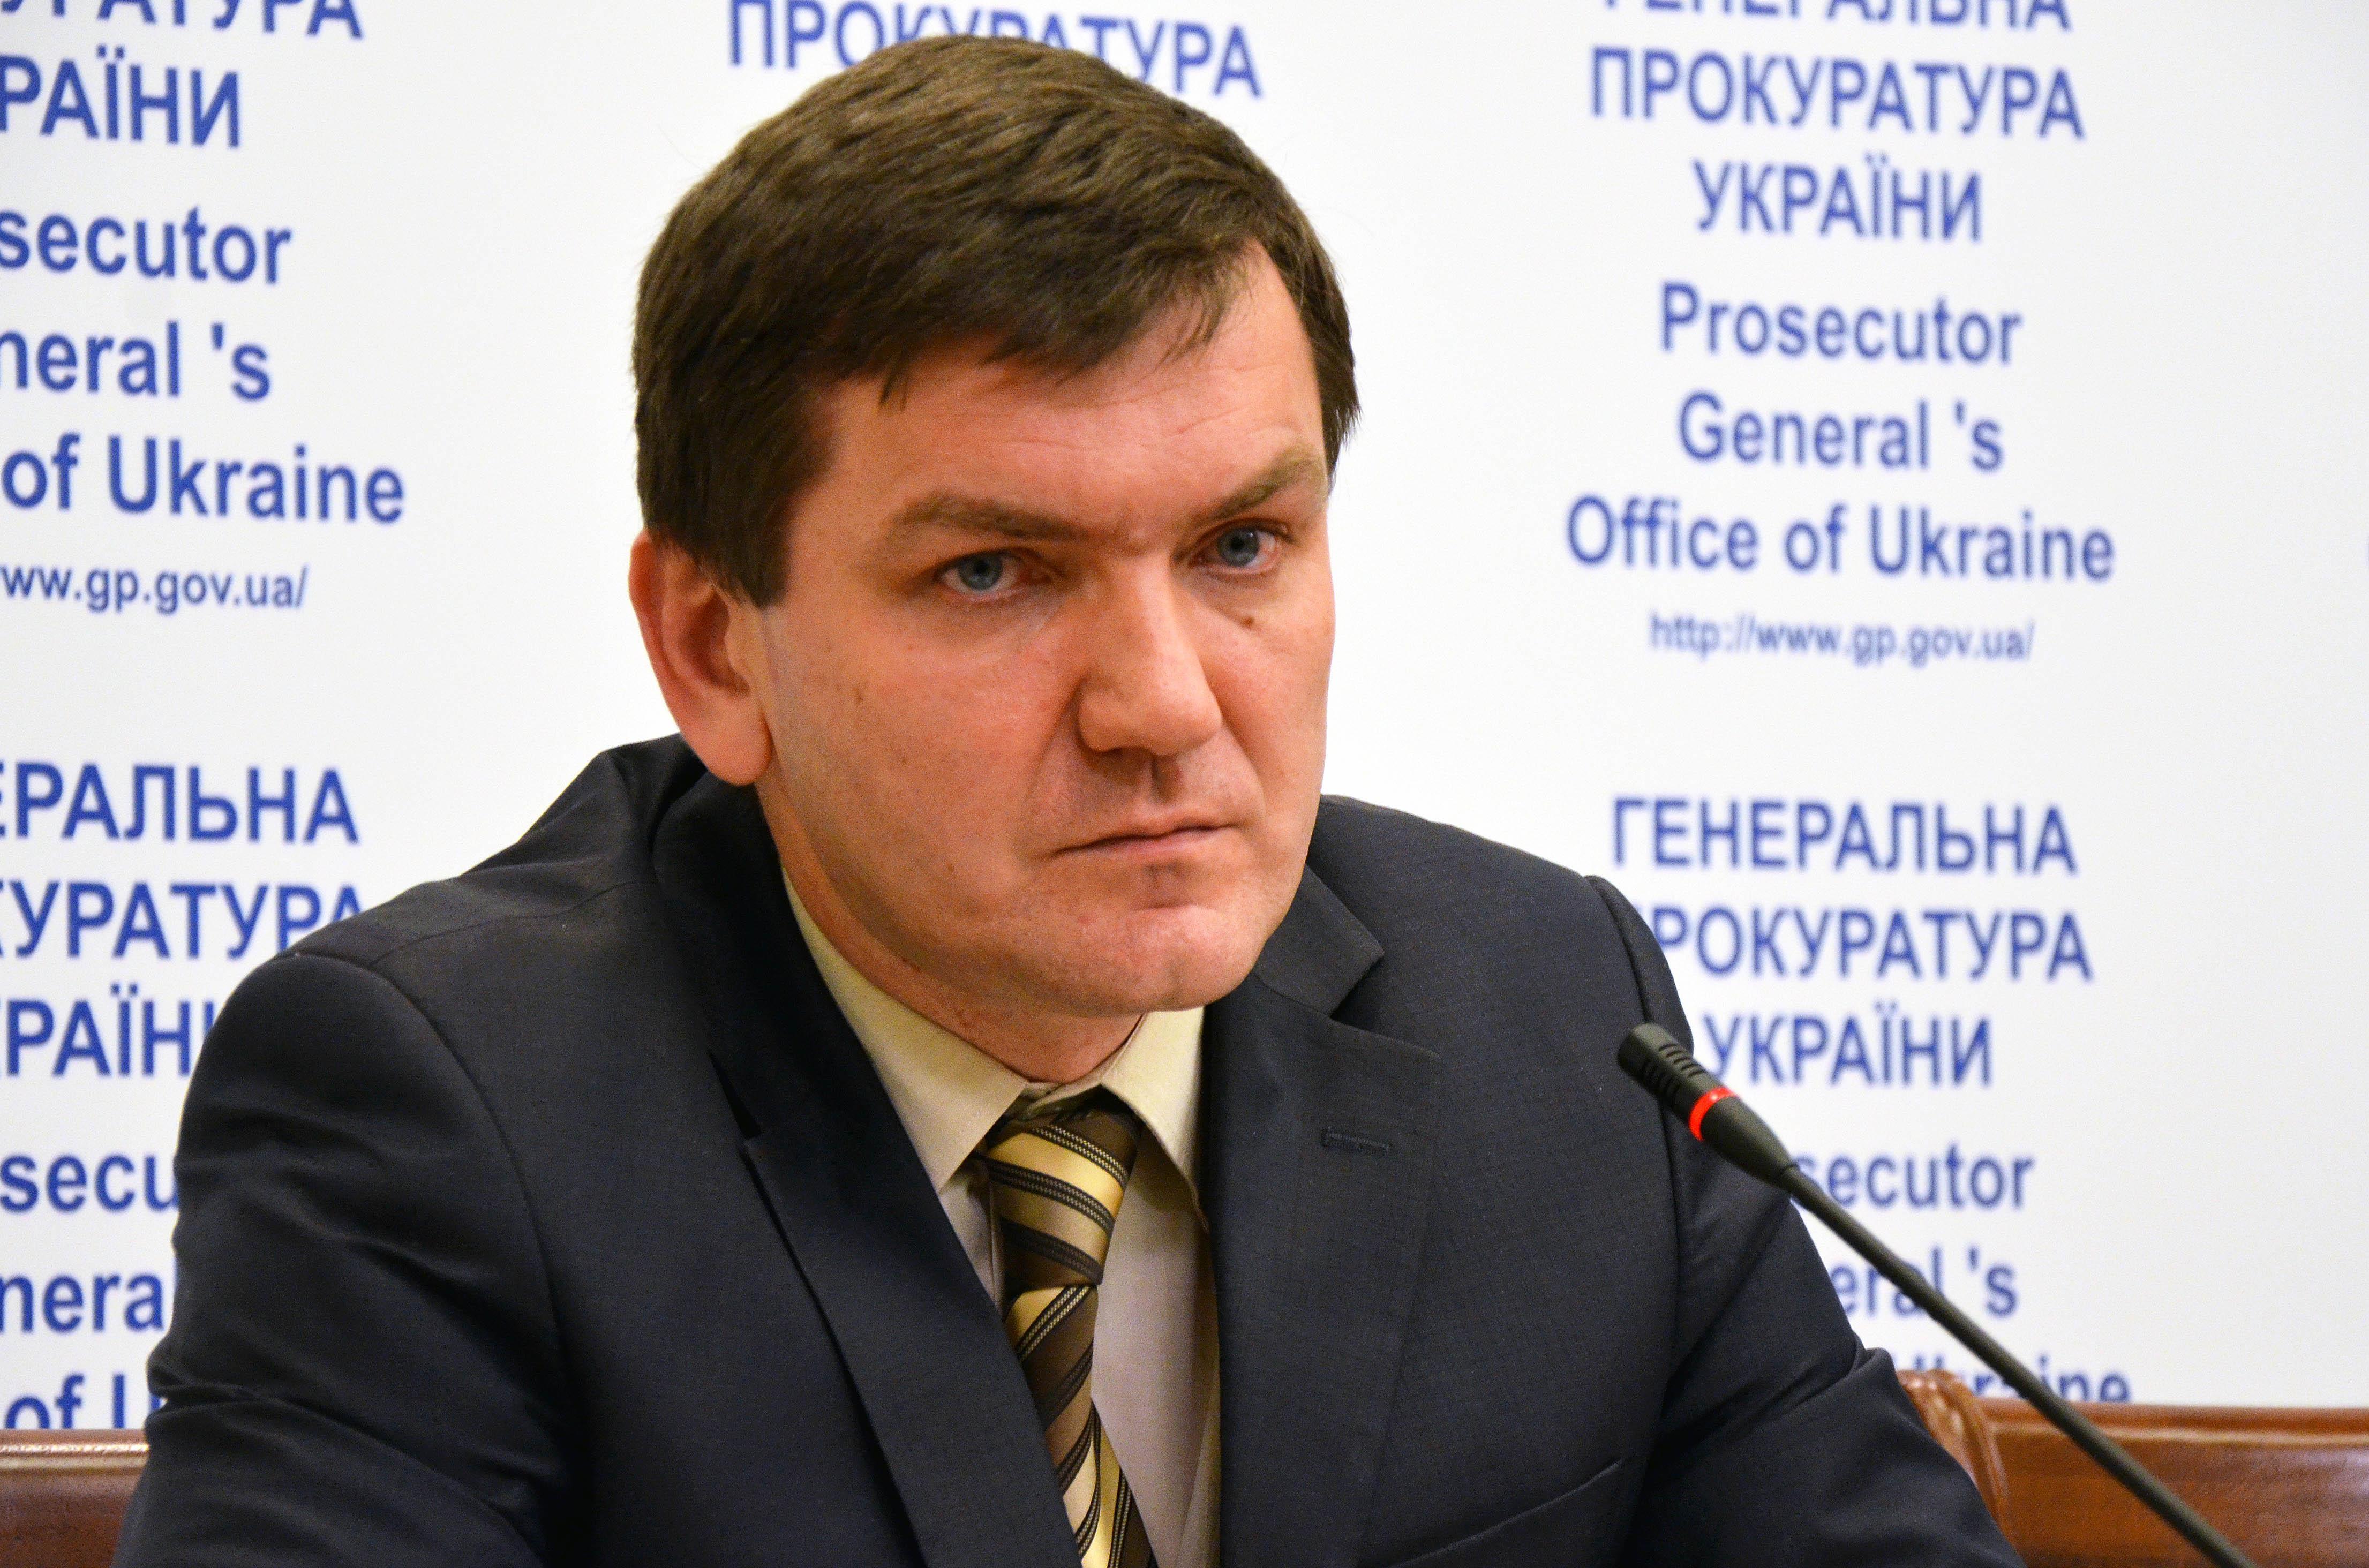 Вороненков вУкраинском государстве успел дать показания поделу Майдана